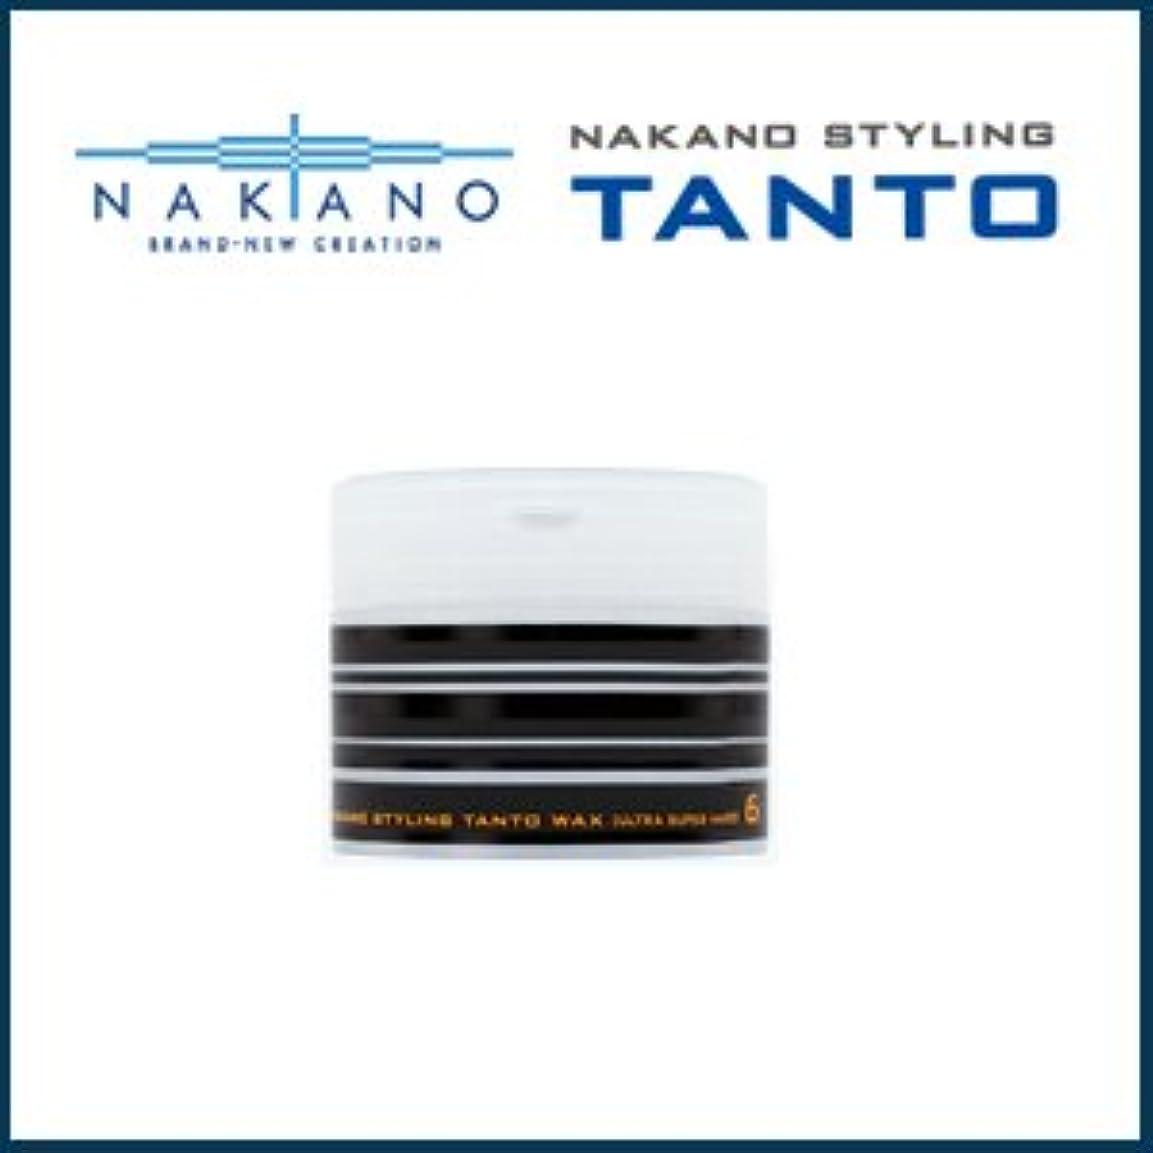 開梱徒歩で側溝【X5個セット】 ナカノ タント Nワックス 6 ウルトラスーパーハード 90g 容器入り